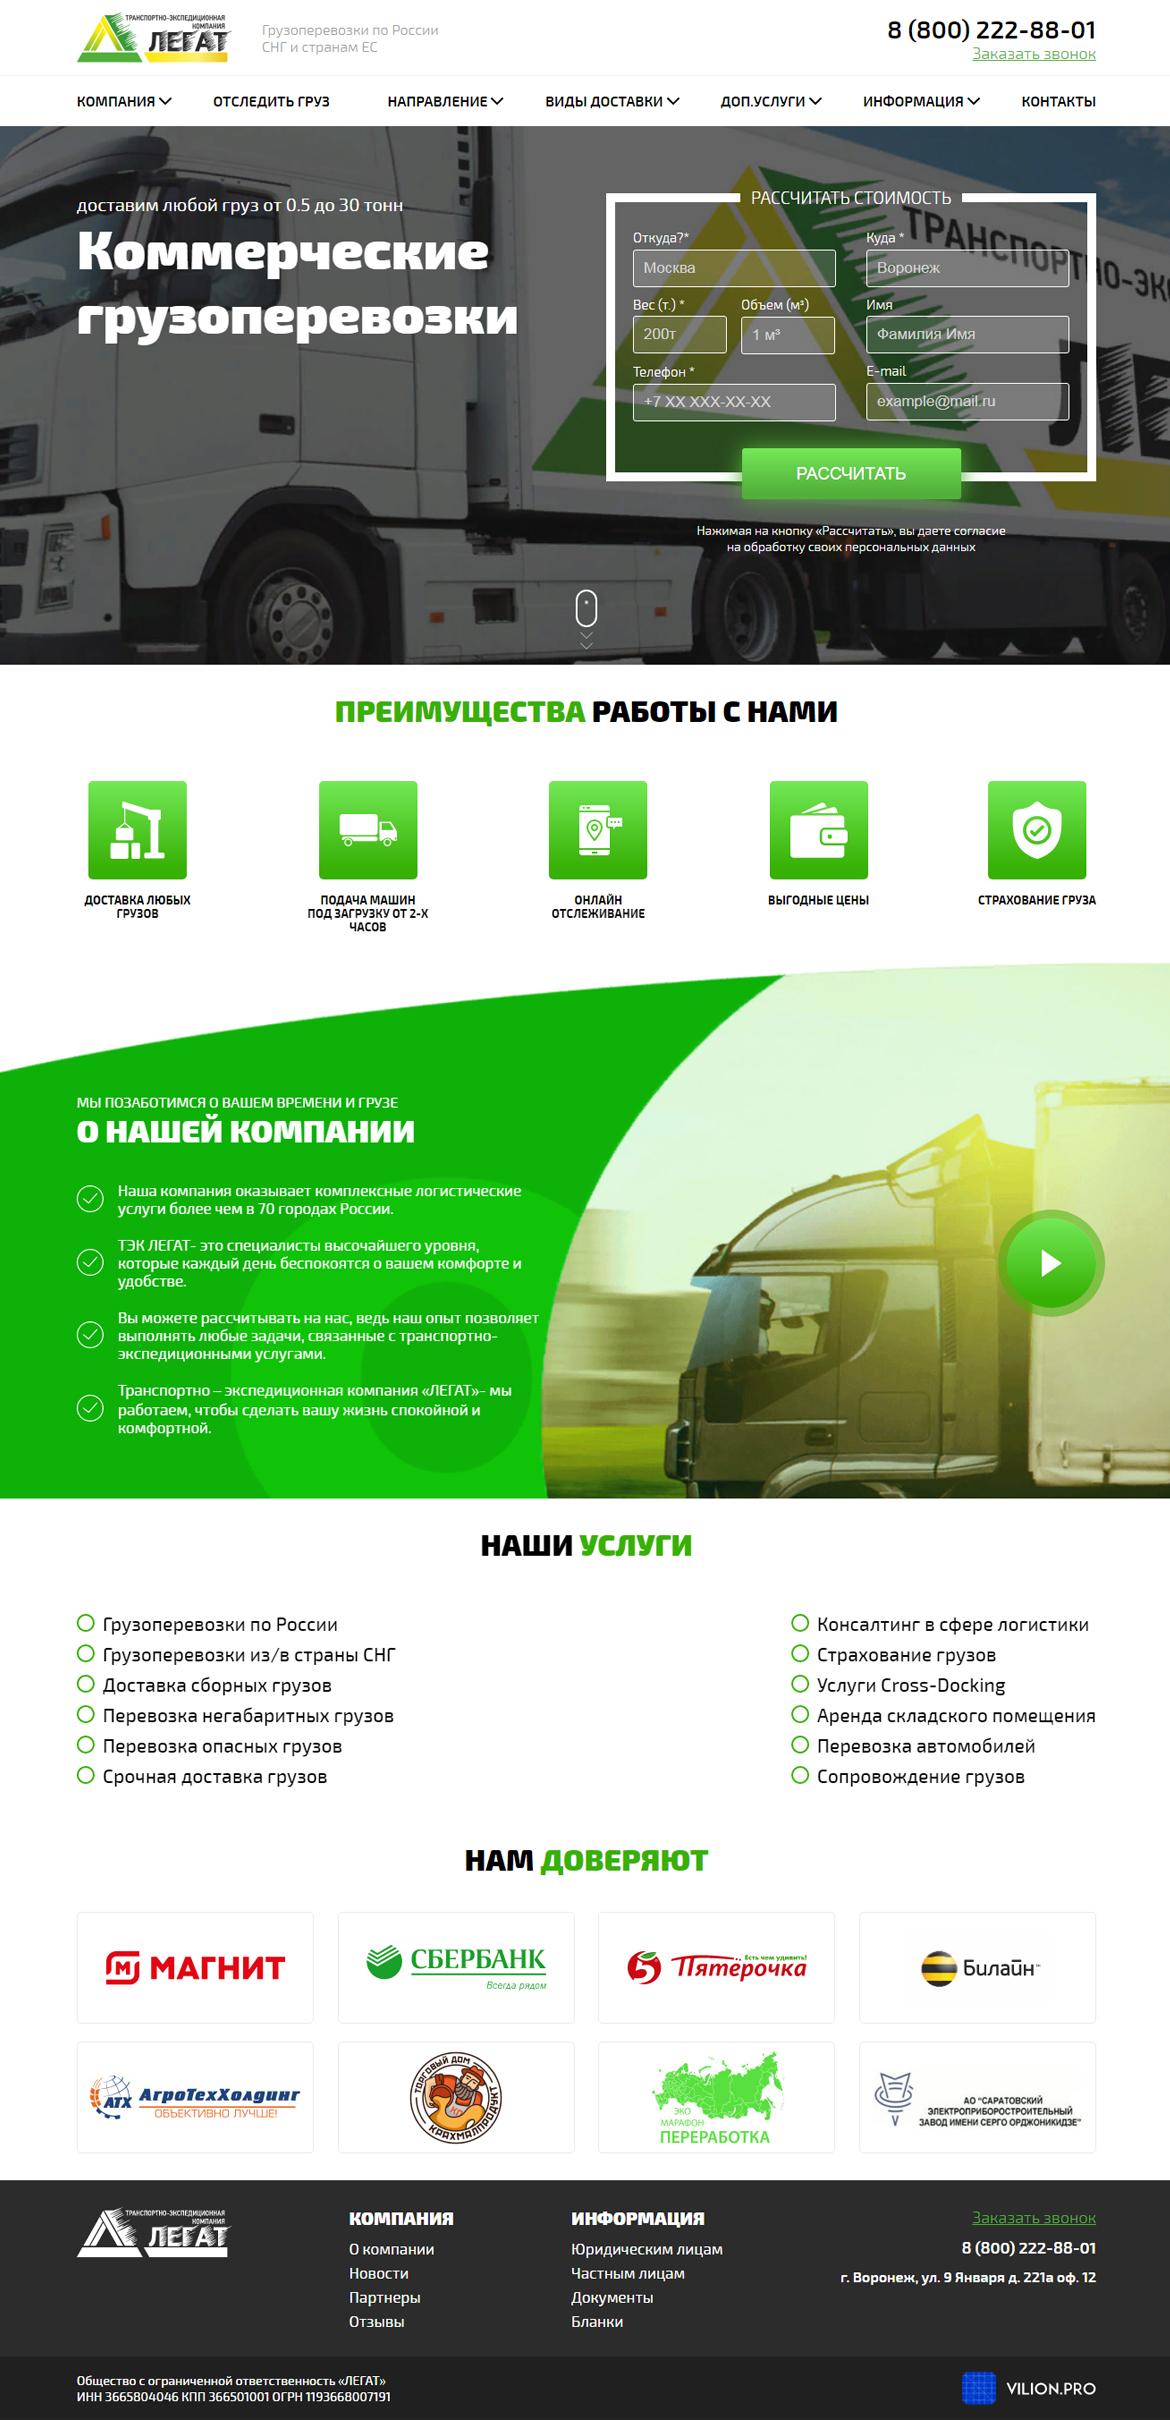 ТЭК Легат - Транспортно-экспедиционная компания